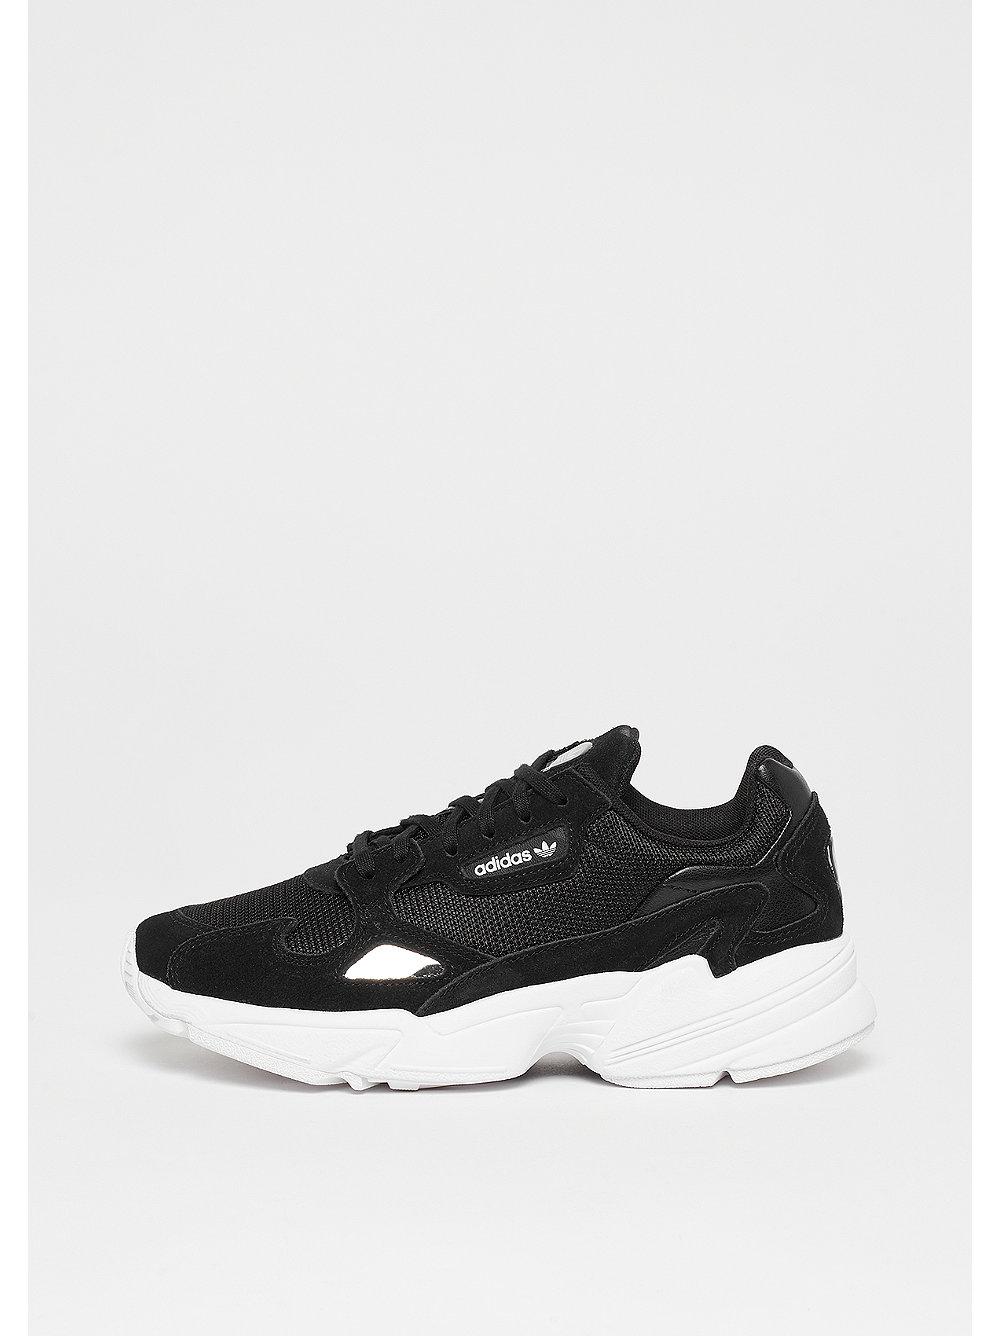 Adidas Falcon Core Black Sneaker Bei Snipes Bestellen